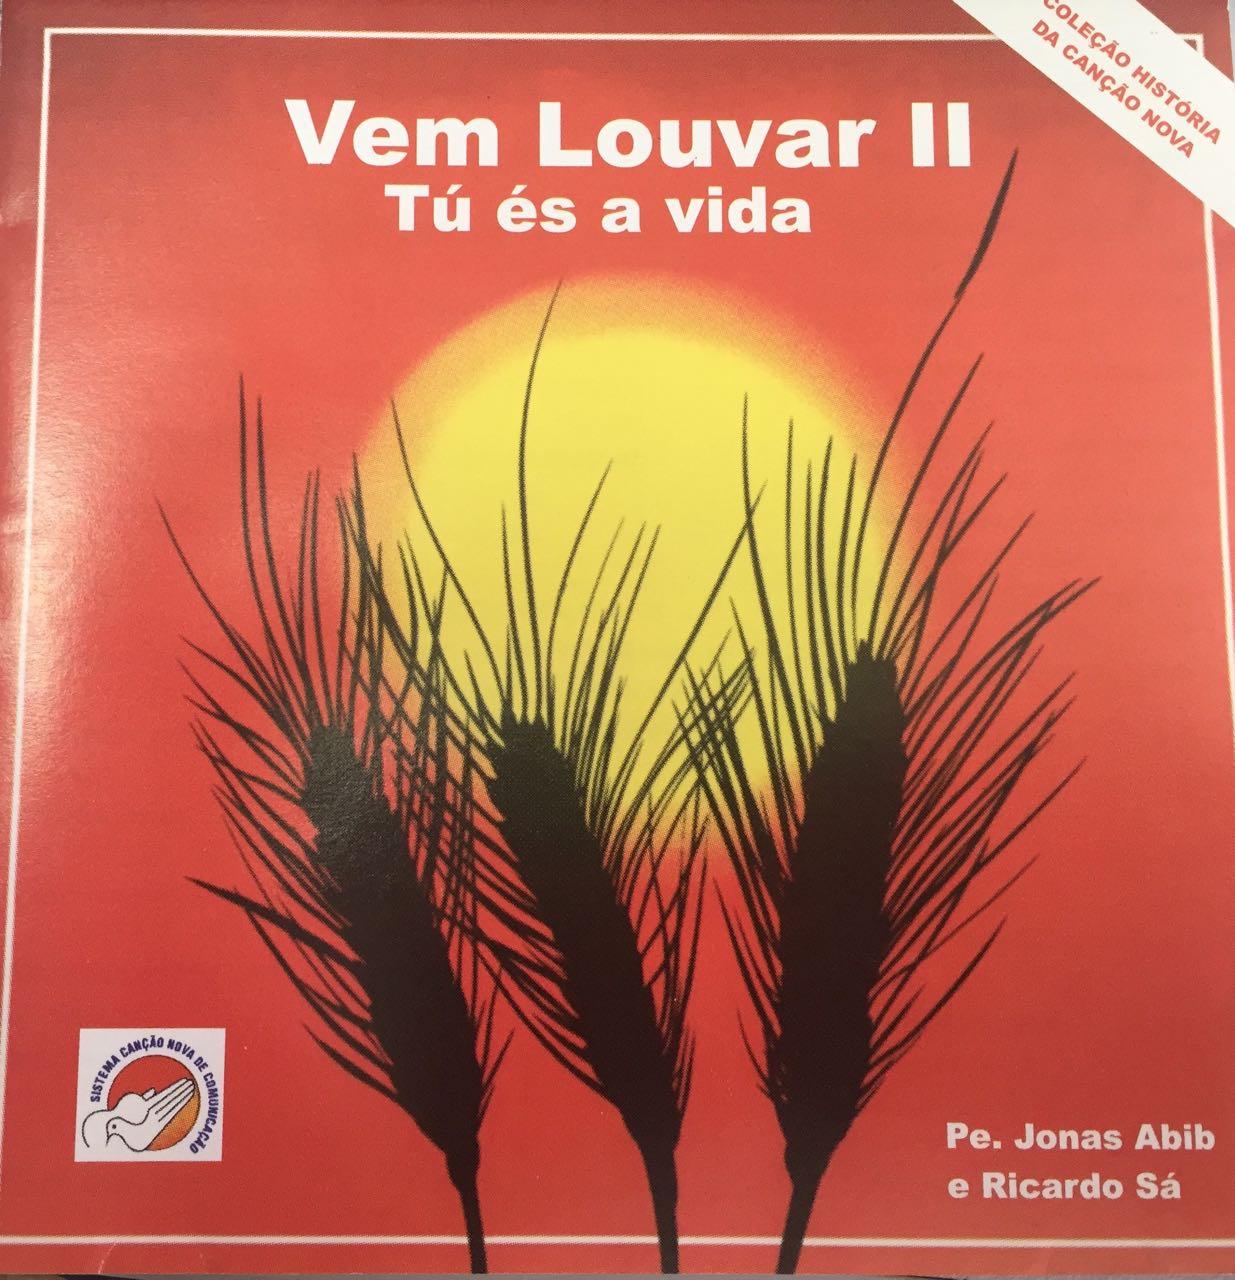 Vem Louvar 2